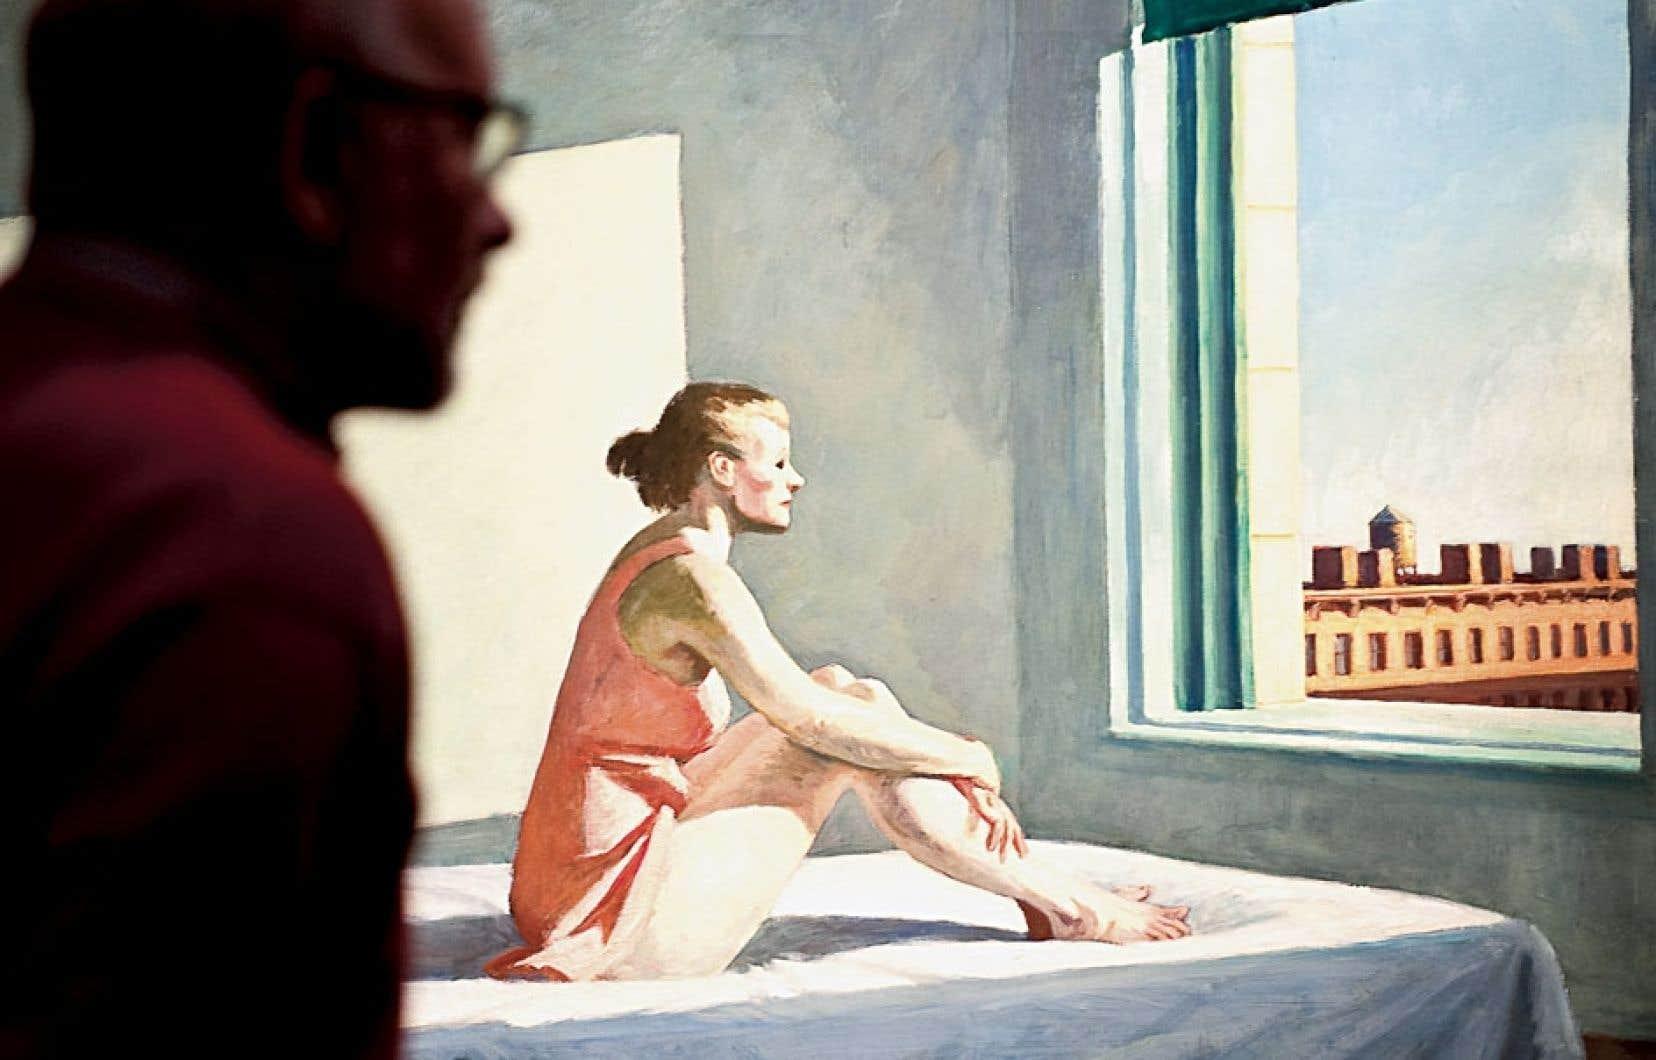 L'original de Hopper : Morning Sun, 1952.